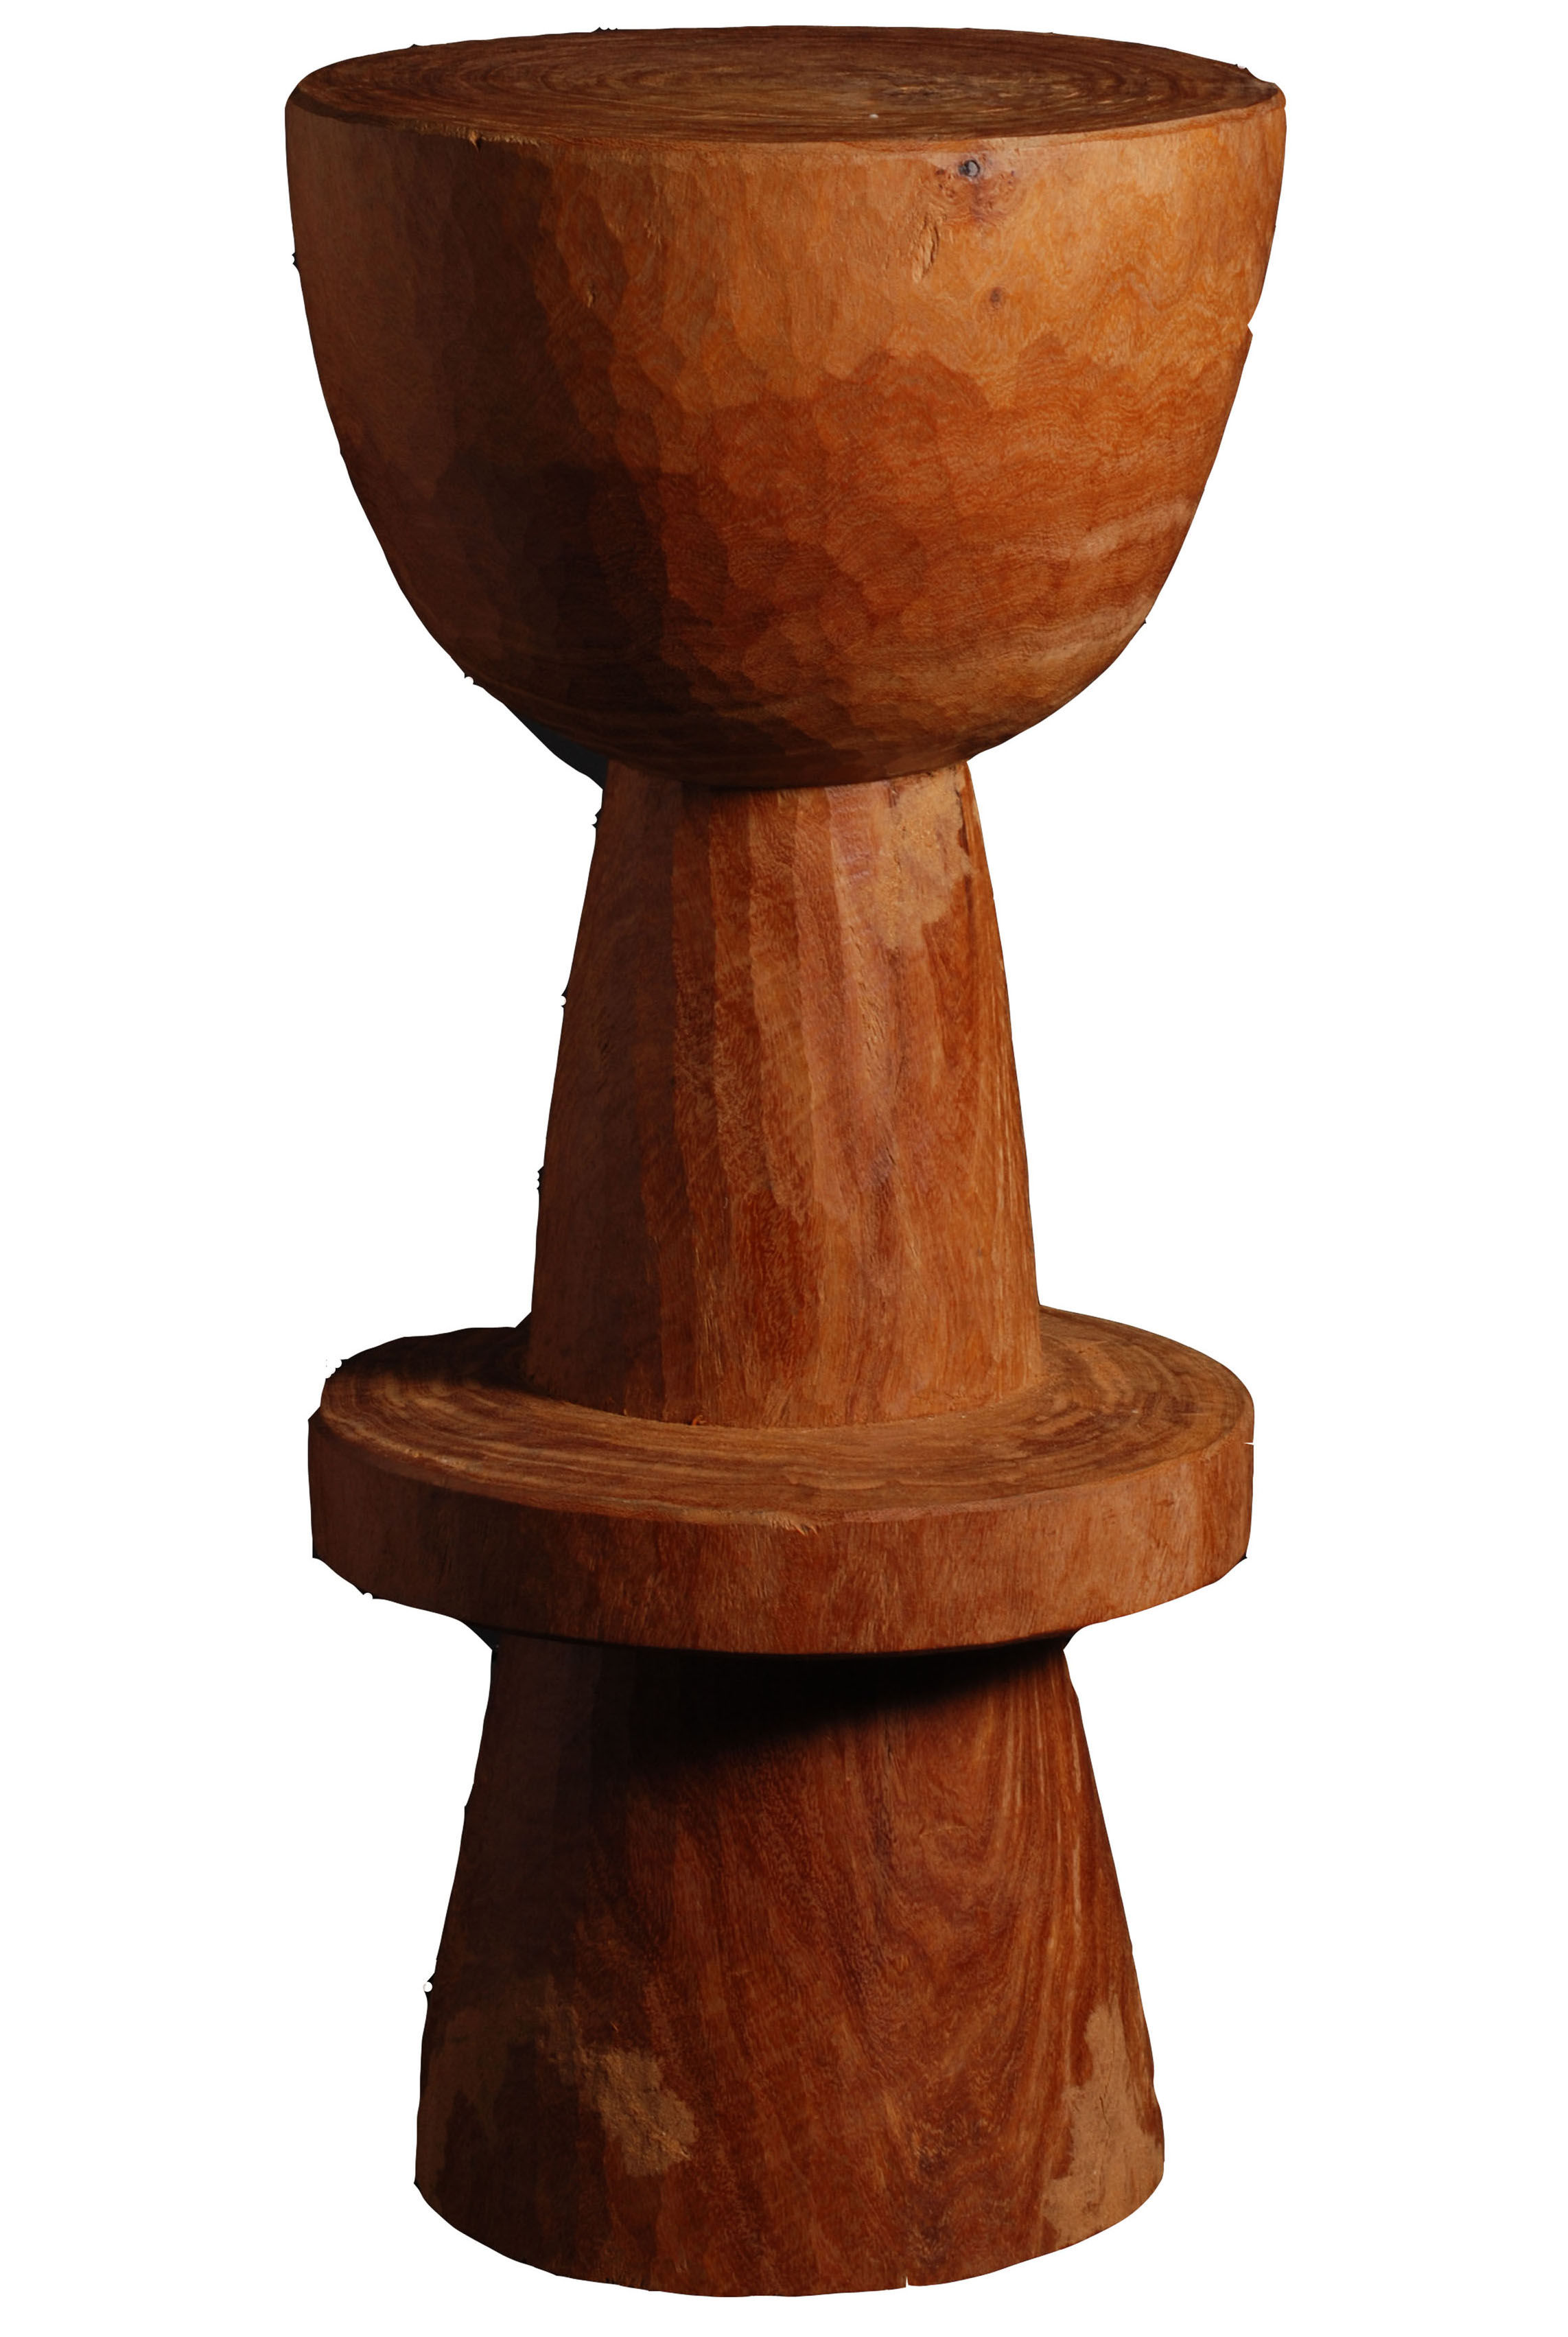 Arredamento - Sgabelli da bar  - Sgabello bar Ball di Pols Potten - Legno naturale - Legno